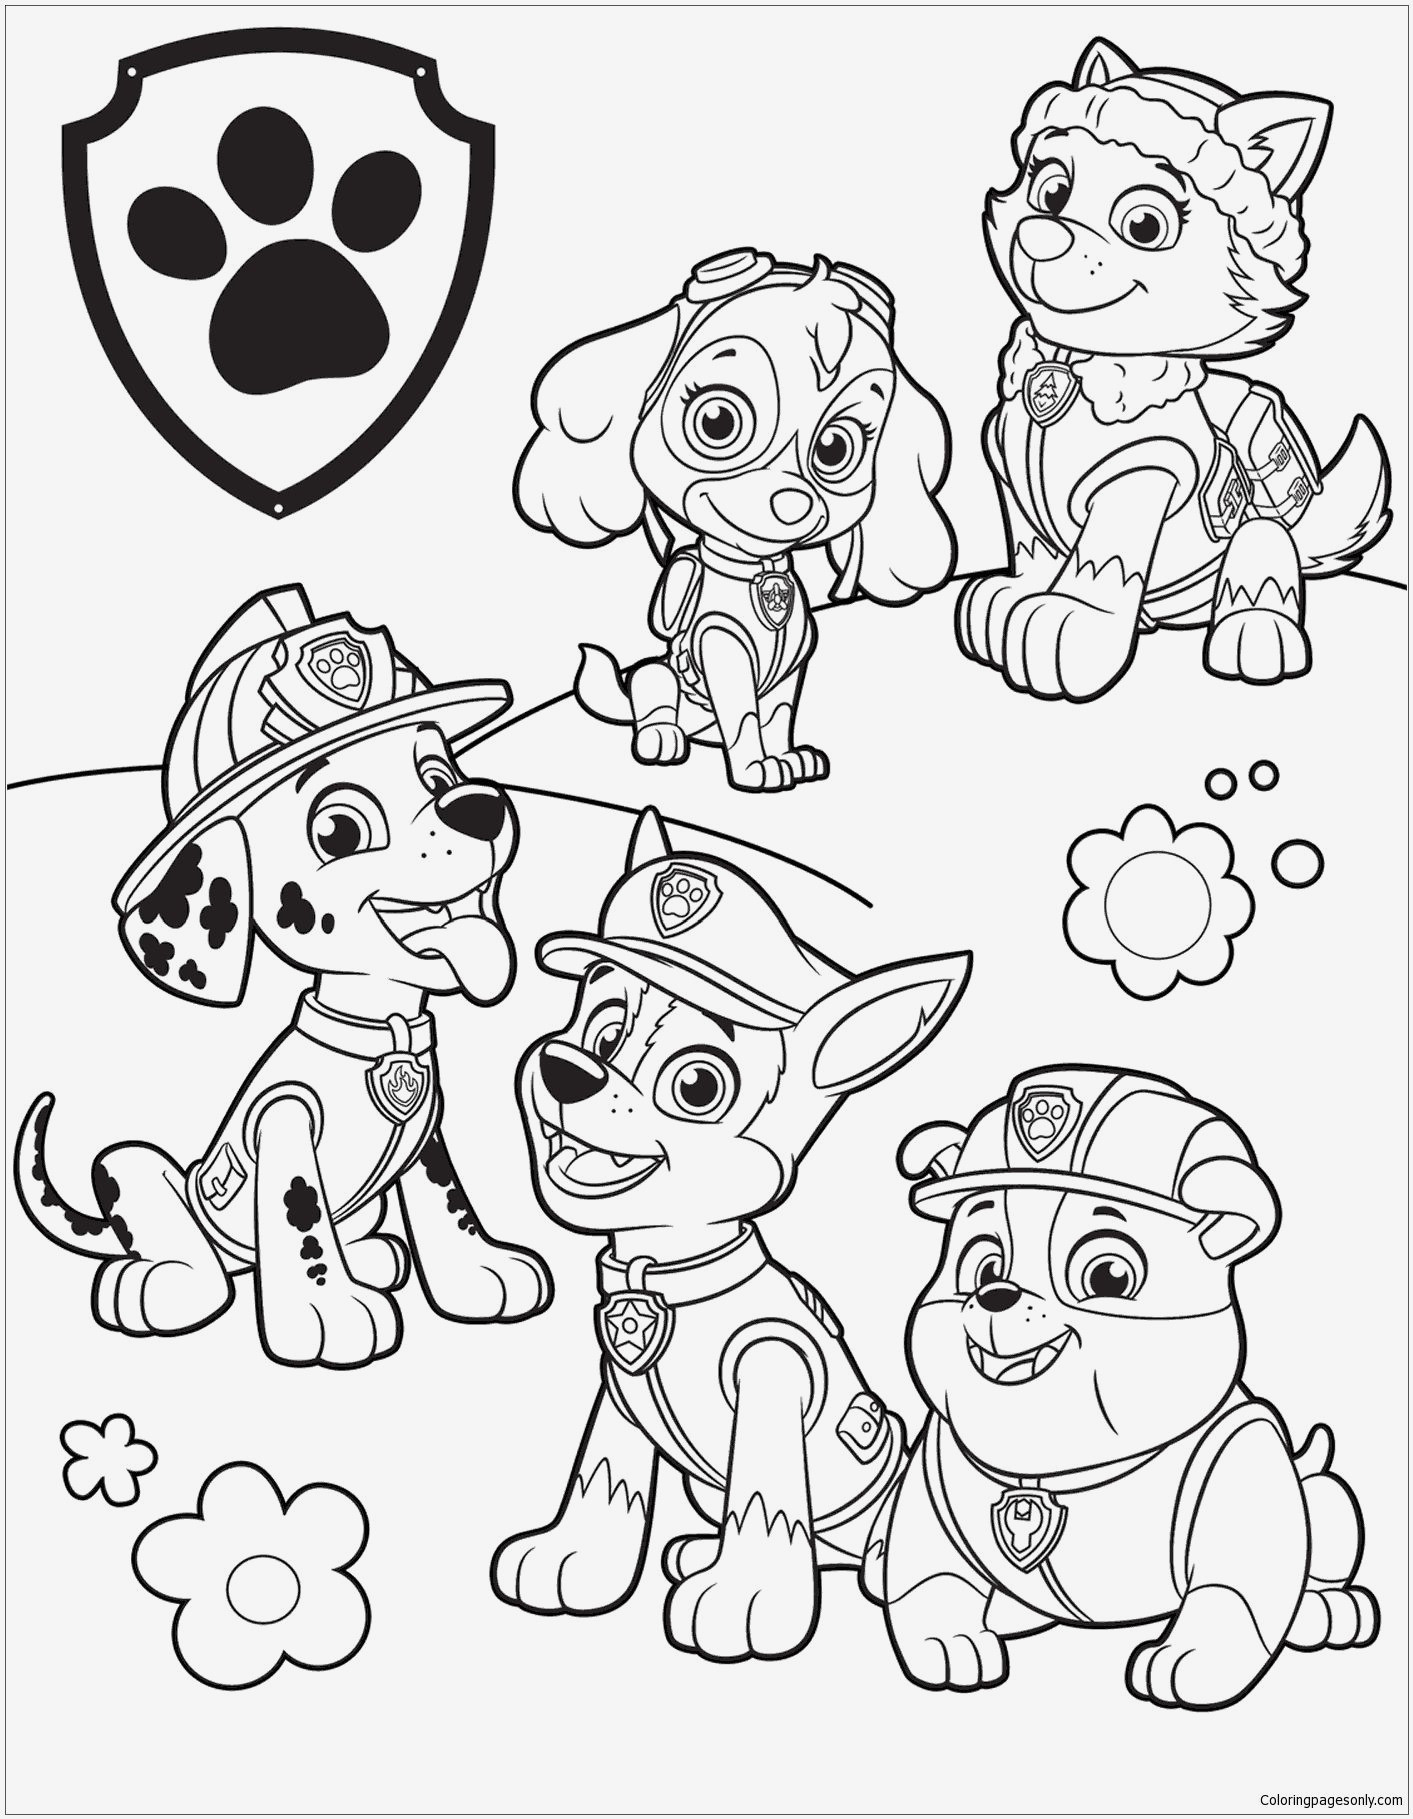 Paw Patrol Ausmalbild Genial Inspirational Free Paw Patrol Coloring Pages Coloring Pages Das Bild